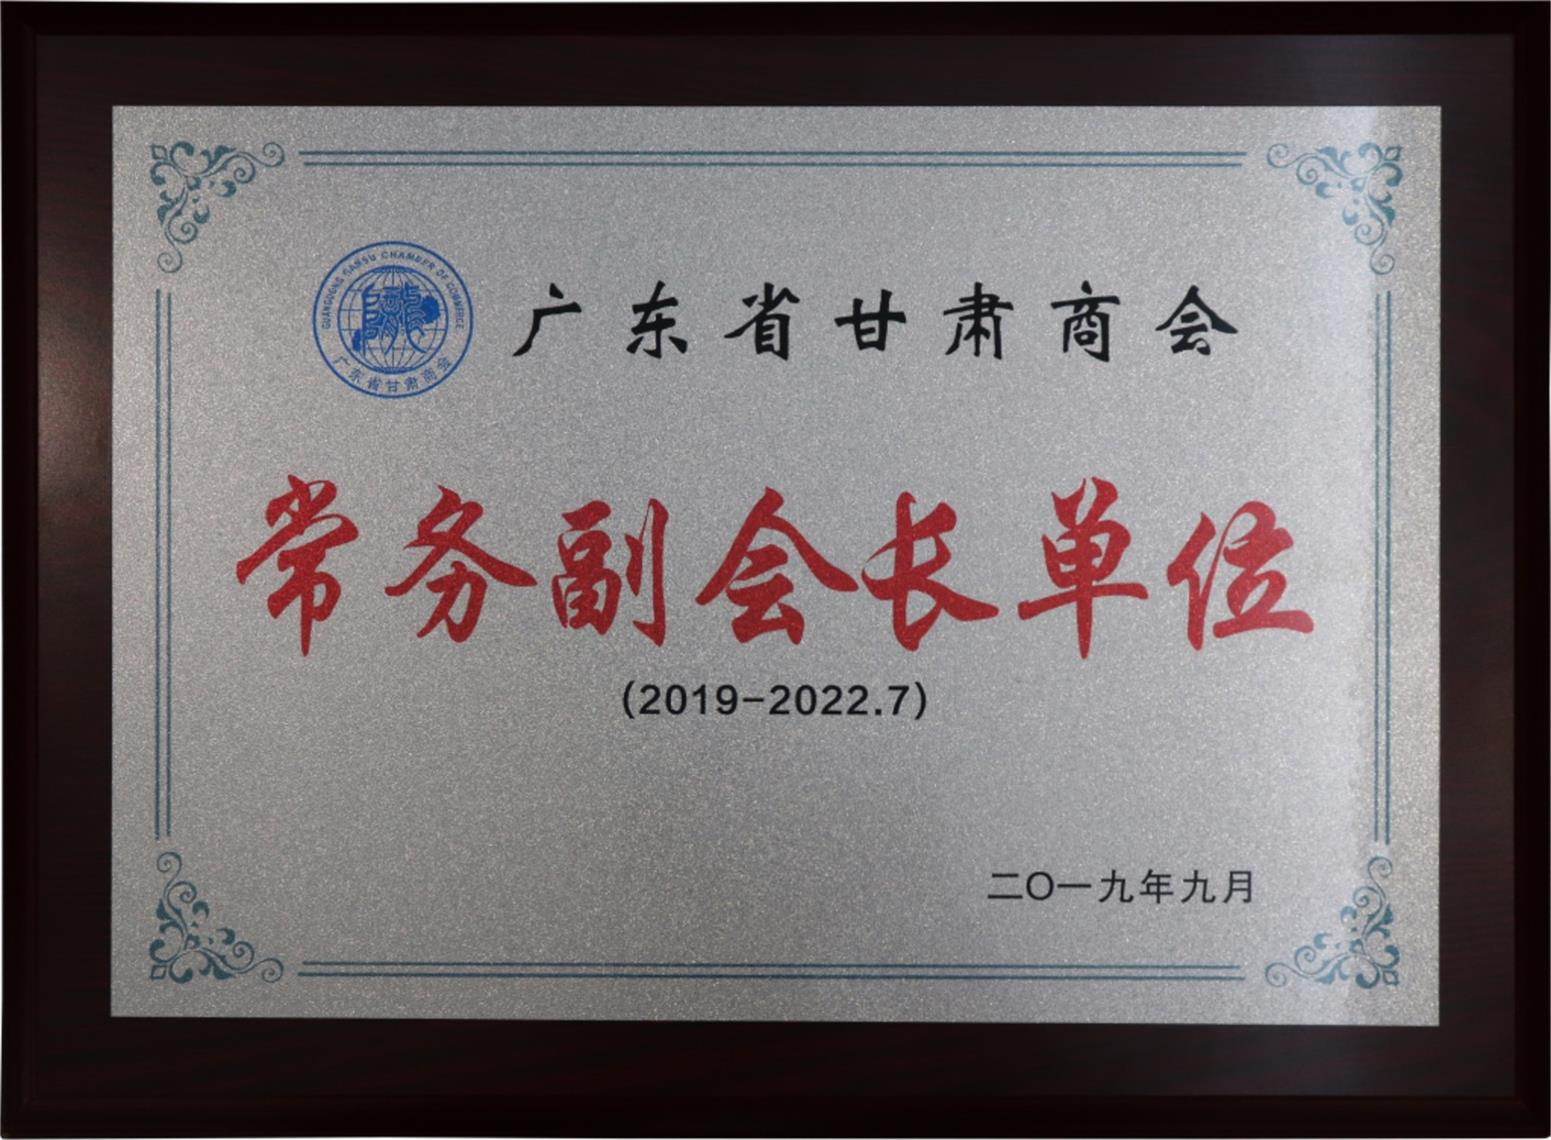 广东省甘肃商会常务副会长单位-牌匾-2019年9月至2022年7月